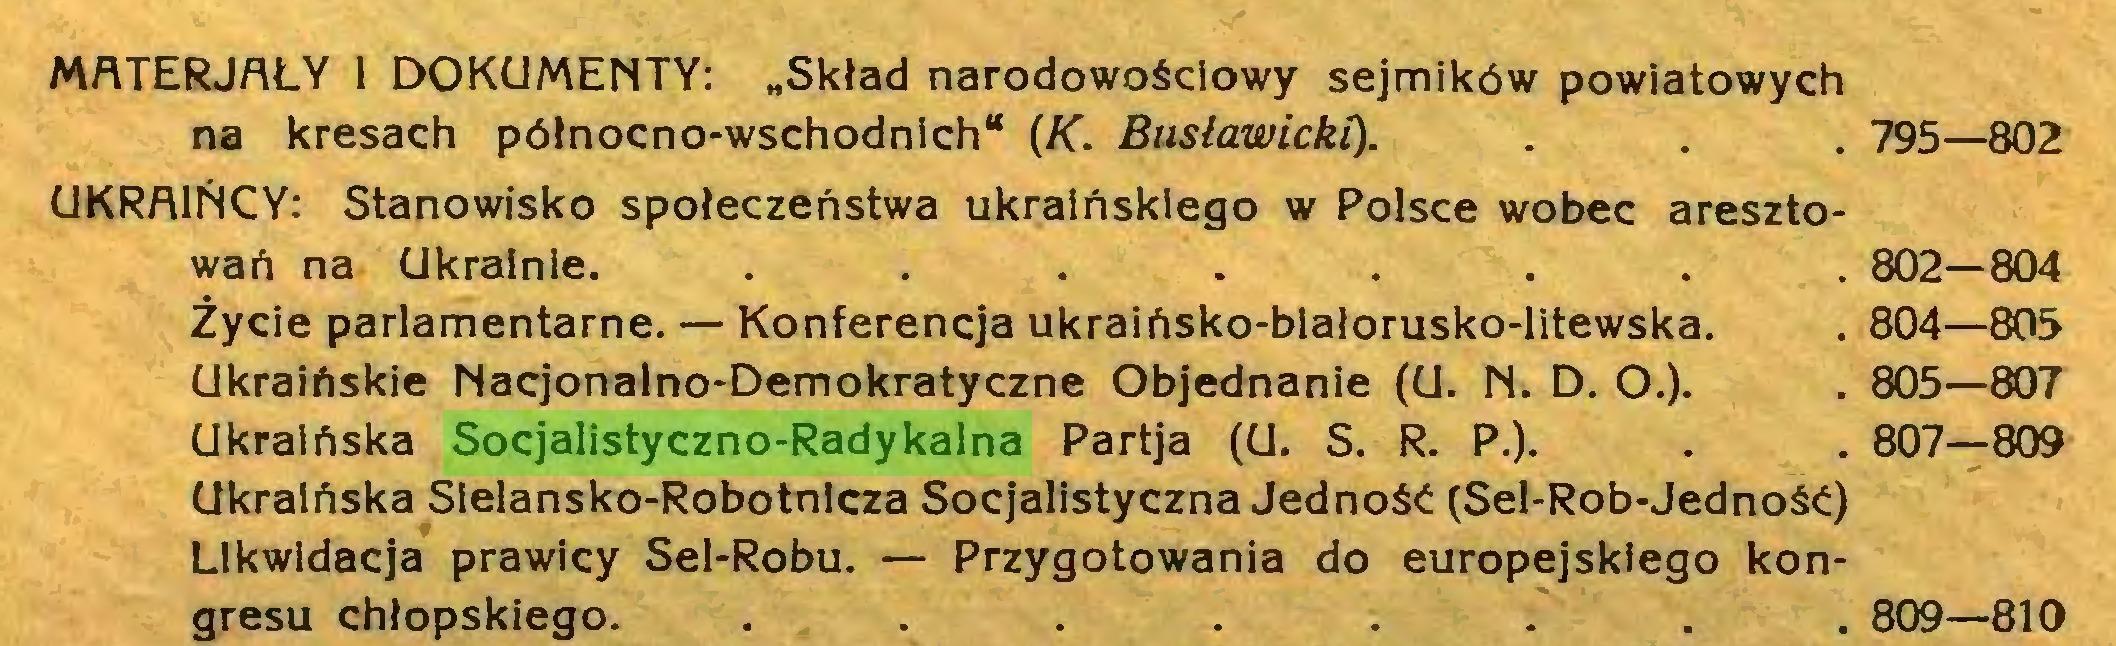 """(...) MATERJAŁY 1 DOKUMENTY: """"Skład narodowościowy sejmików powiatowych na kresach północno-wschodnich"""" (K. Busławicki). . . . 795—802 UKRAIŃCY: Stanowisko społeczeństwa ukraińskiego w Polsce wobec aresztowań na Ukrainie. ... 802—804 Życie parlamentarne. — Konferencja ukraińsko-białorusko-litewska. . 804—805 Ukraińskie Nacjonalno-Demokratyczne Objednanie (U. N. D. O.). . 805—807 Ukraińska Socjalistyczno-Radykalna Partja (U. S. R. P.). . . 807—809 Ukraińska Sielansko-Robotnicza Socjalistyczna Jedność (Sel-Rob-Jedność) Likwidacja prawicy Sel-Robu. — Przygotowania do europejskiego kongresu chłopskiego. ... 809—810..."""